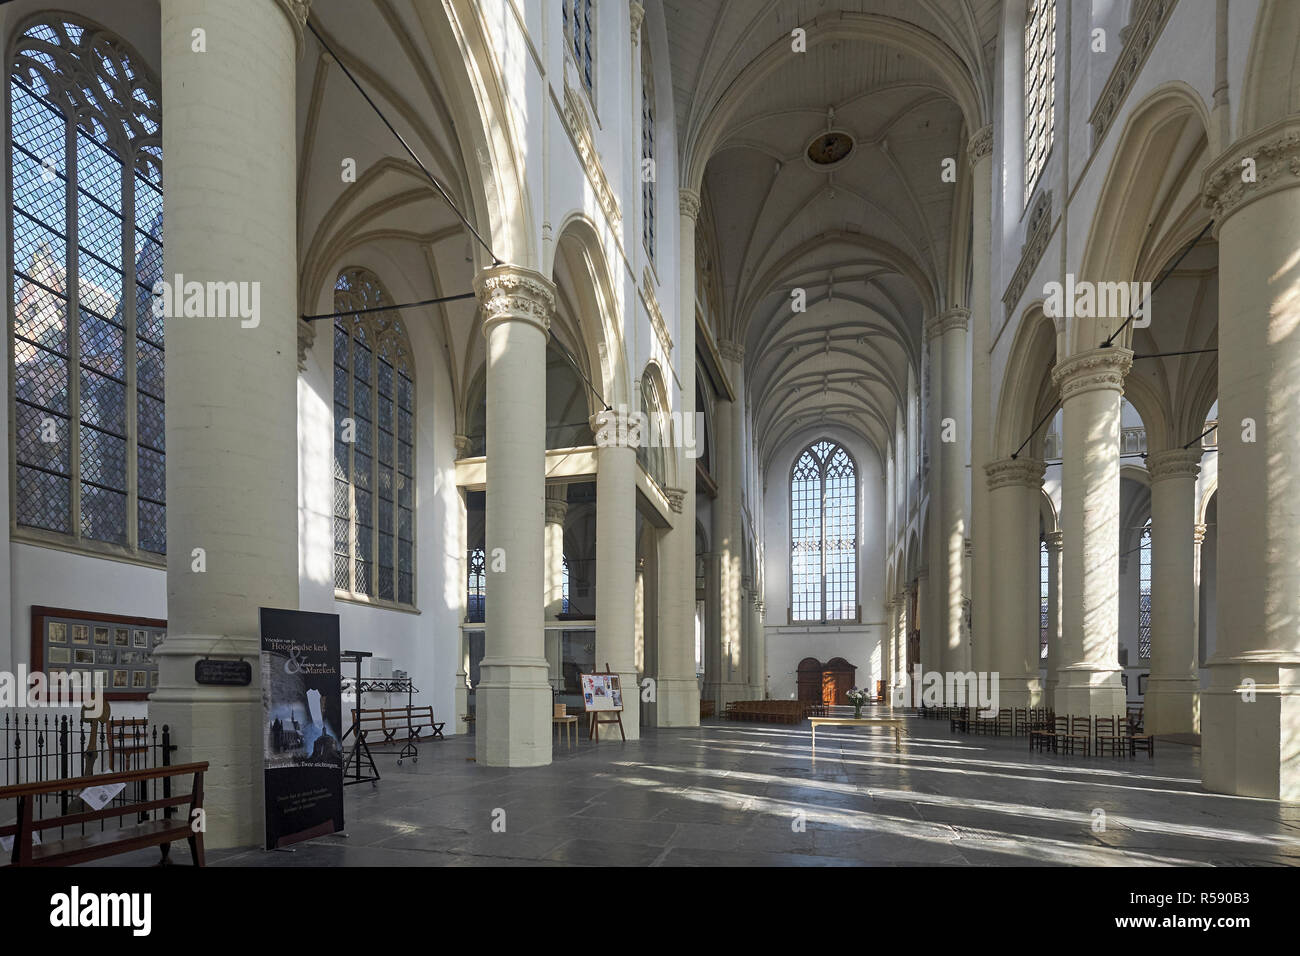 Hooglandse Kerk, Leiden, South Holland, Netherlands Stock Photo